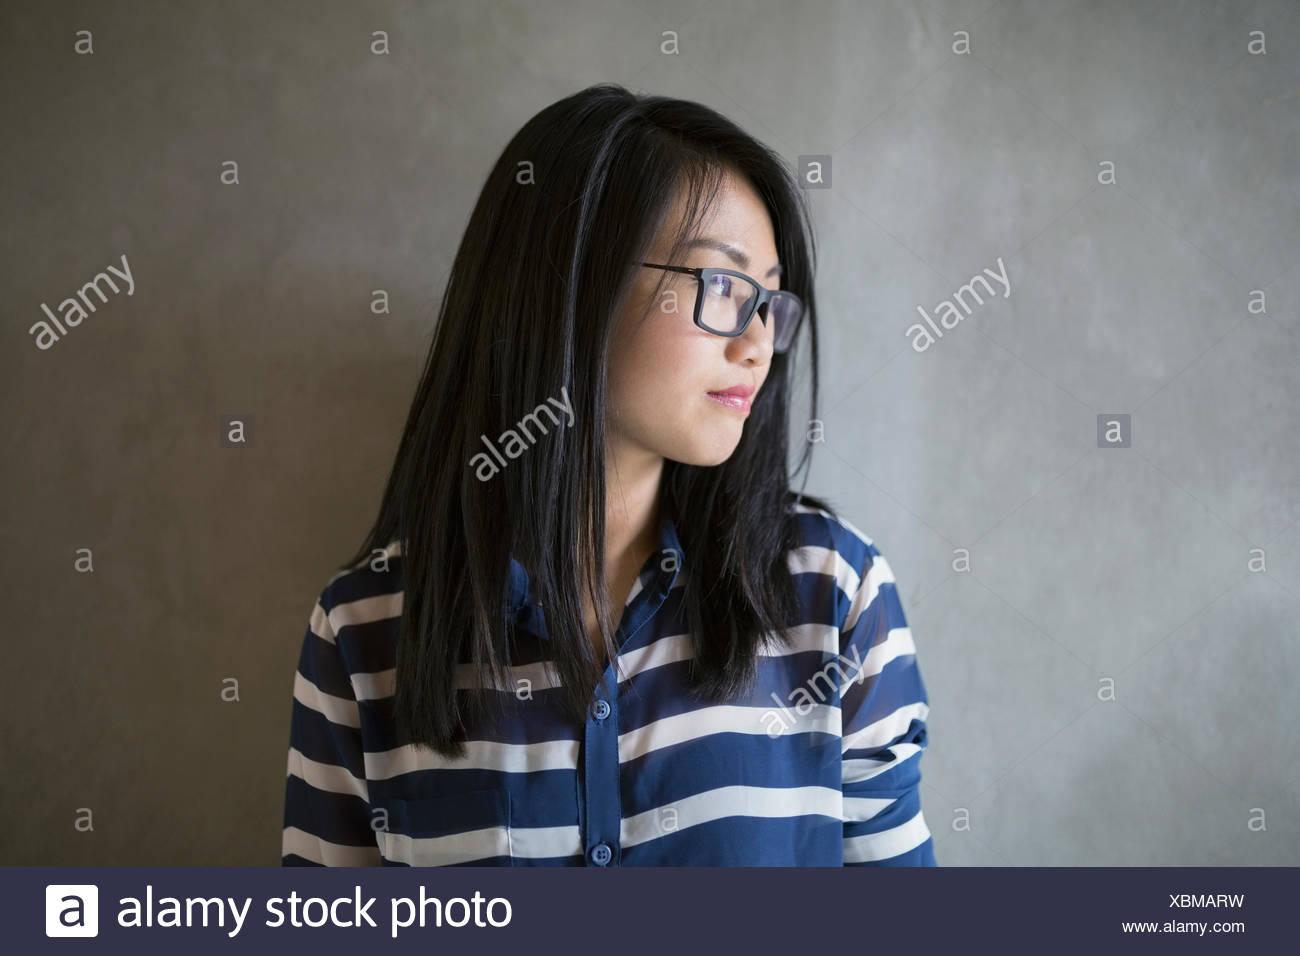 ded5a5e53c Pensativo empresaria cabello negro y anteojos mirando lejos Foto ...